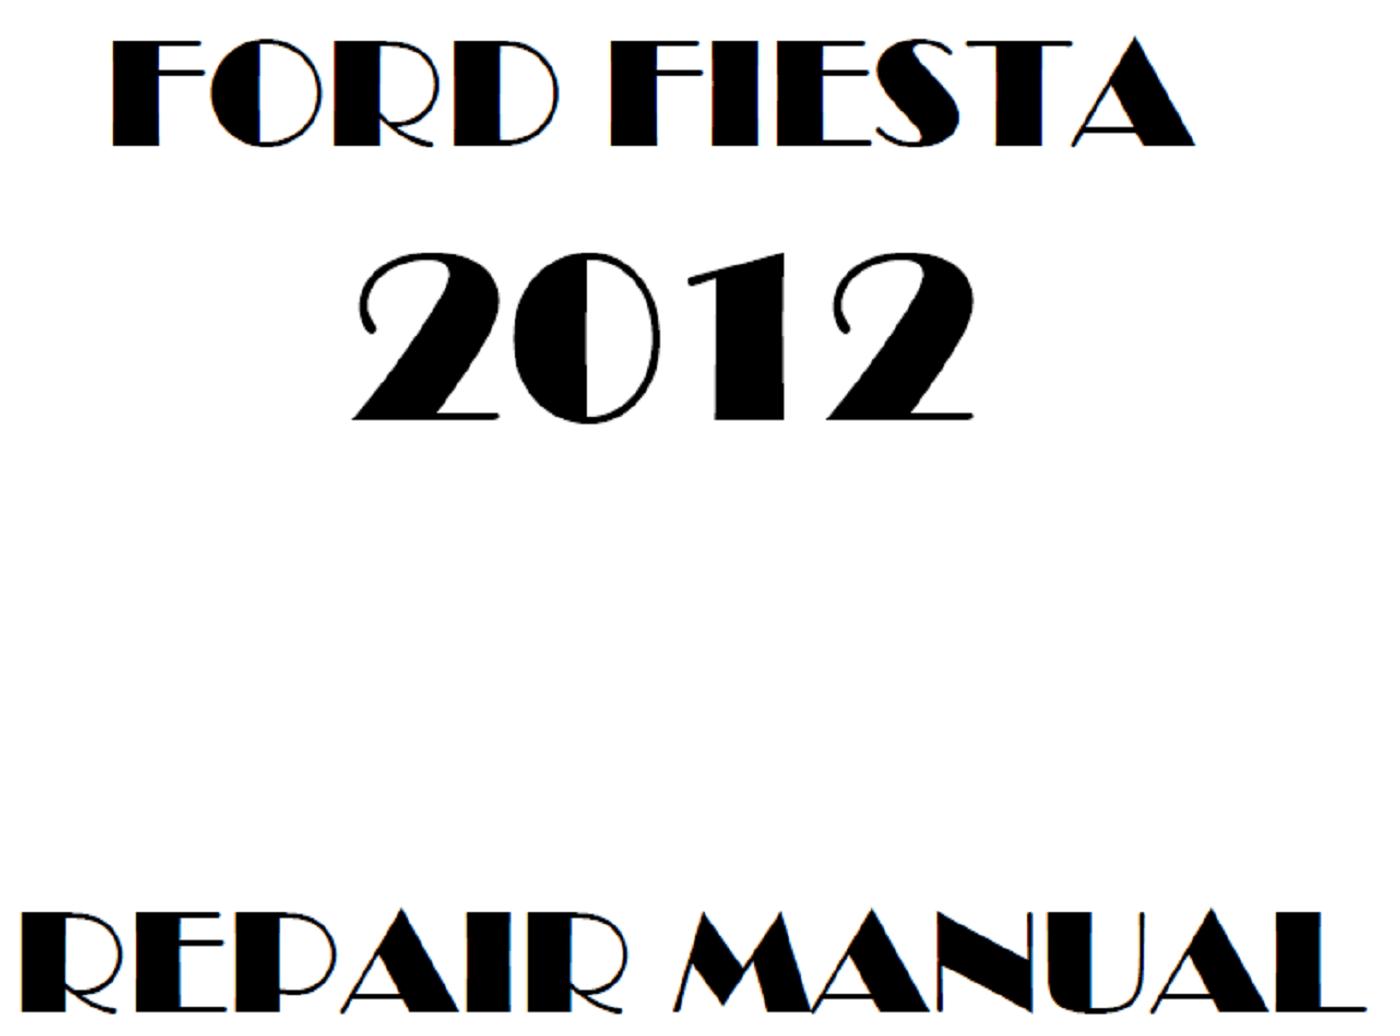 2012 Ford Fiesta repair manual